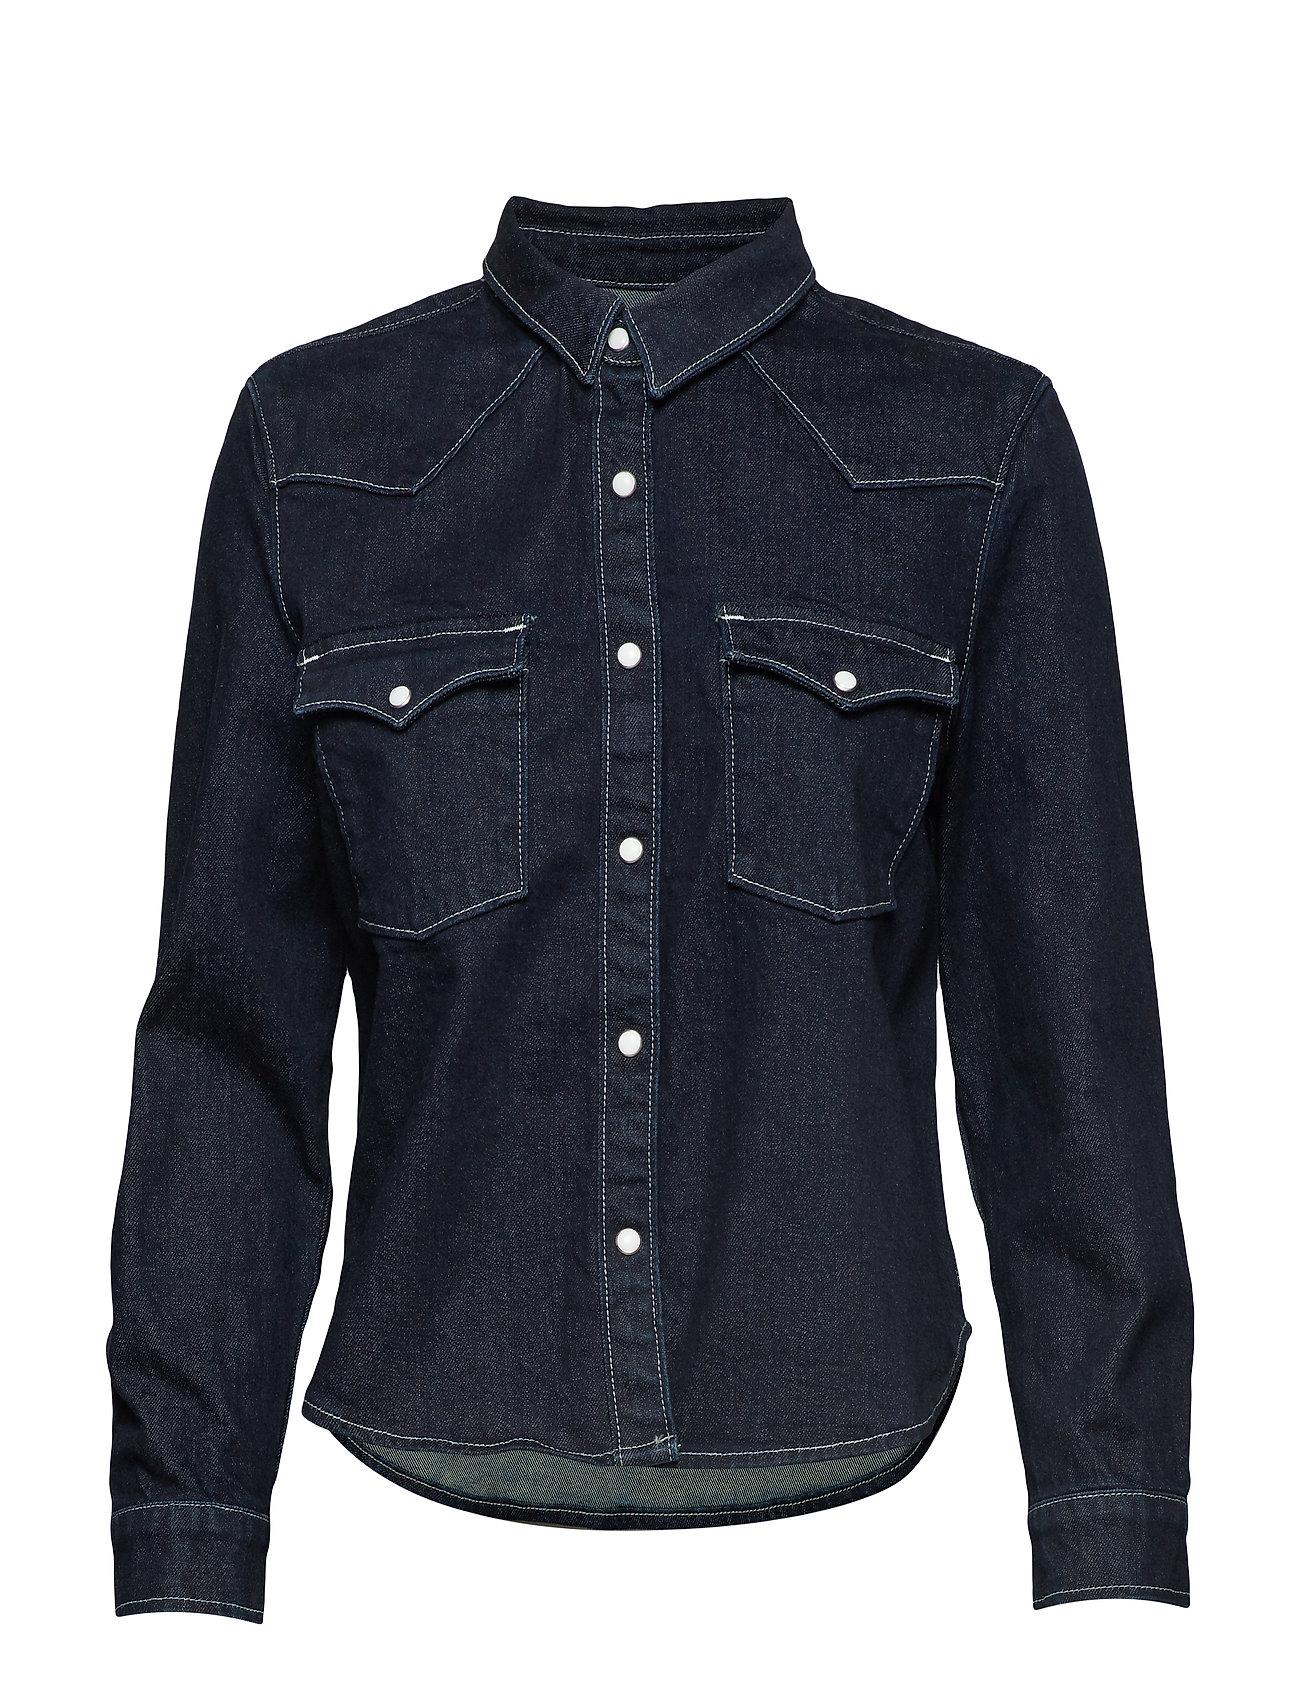 Shirt Shrdark Crafted IndigoFlat Madeamp; S Dnm FinishLevi's Lmc Shrnkn Yf6ybv7g